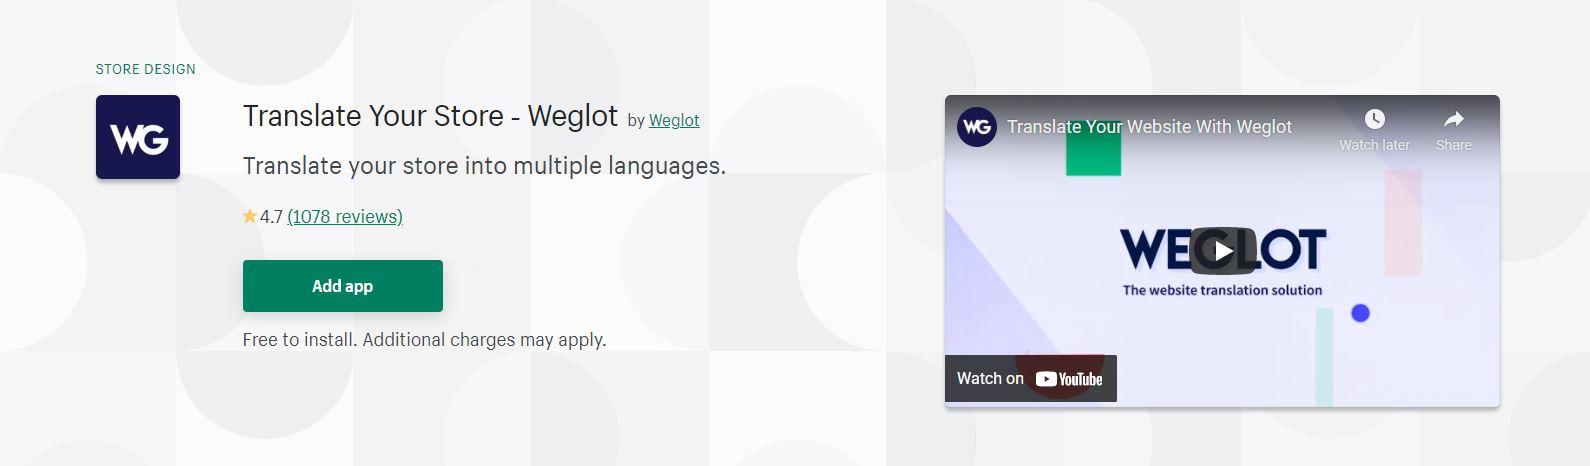 Shopify translation app